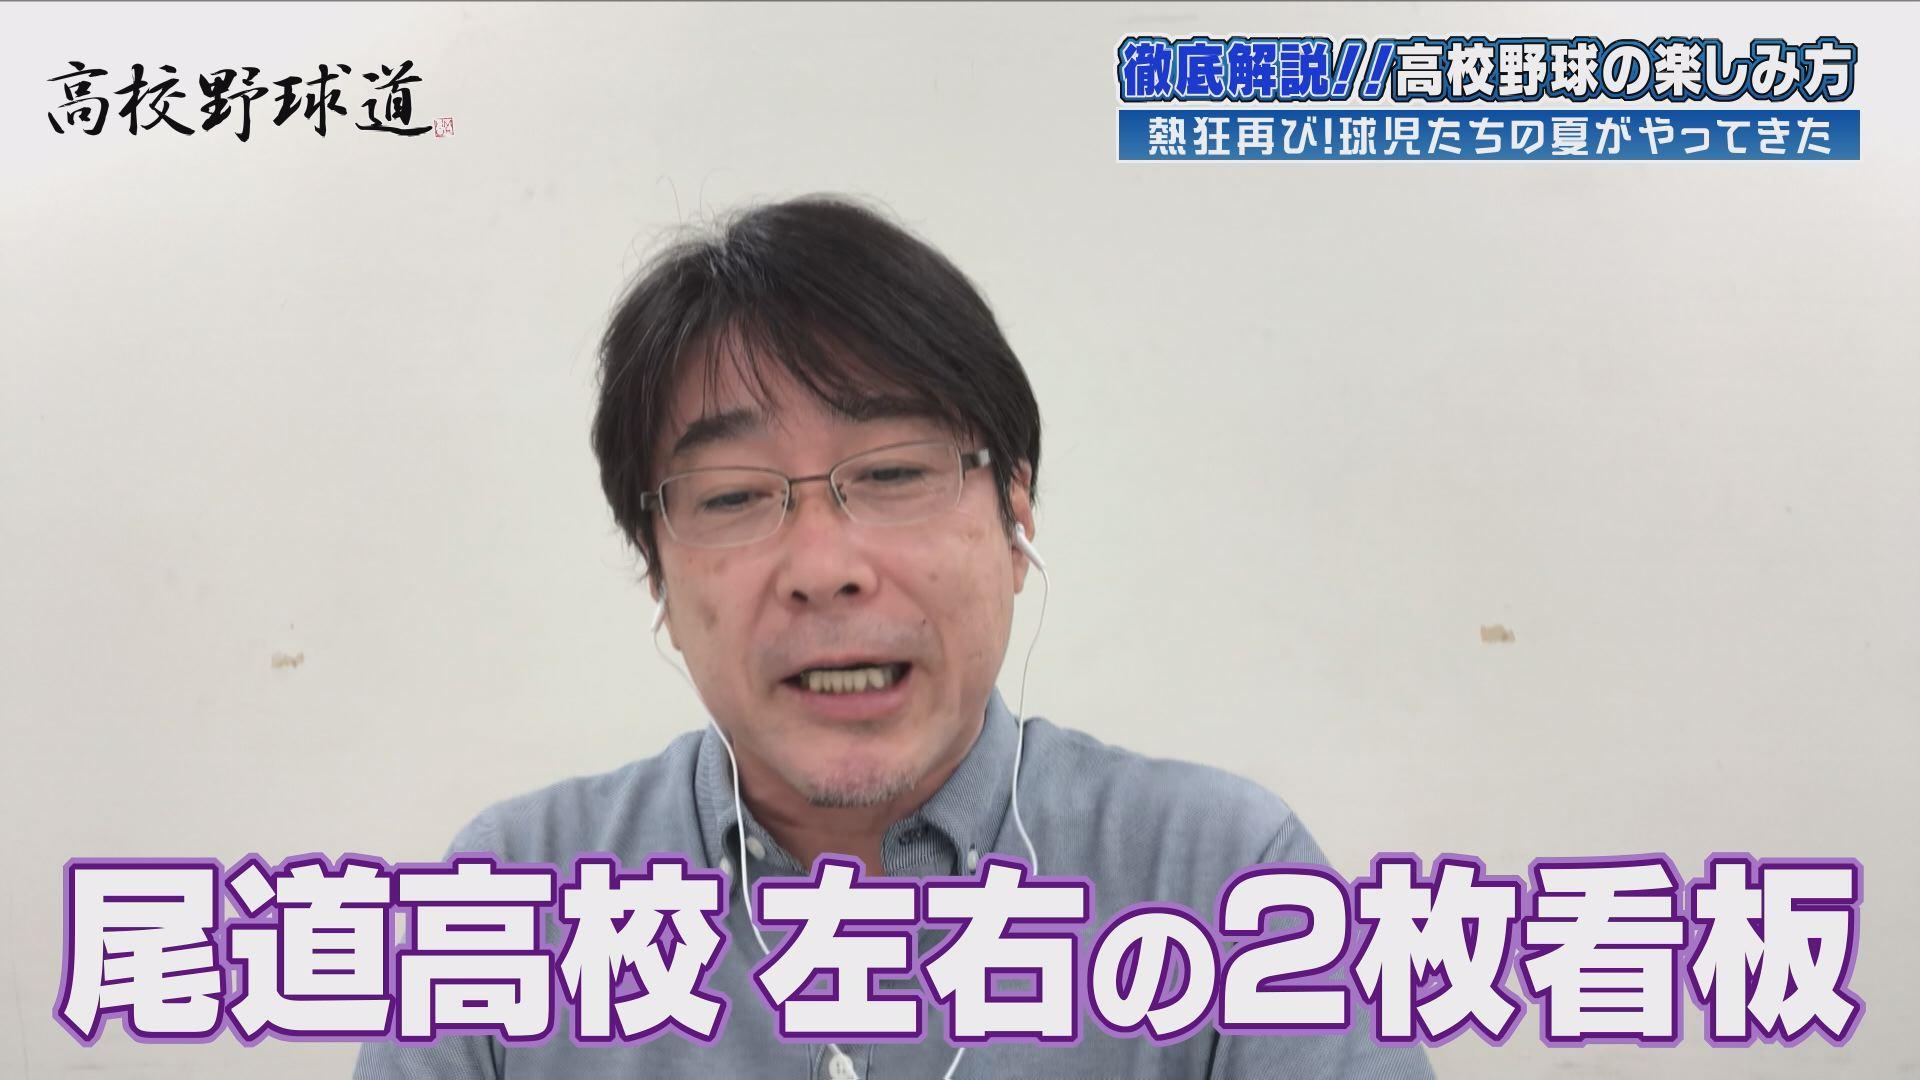 朝日新聞編集委員・安藤嘉浩さん